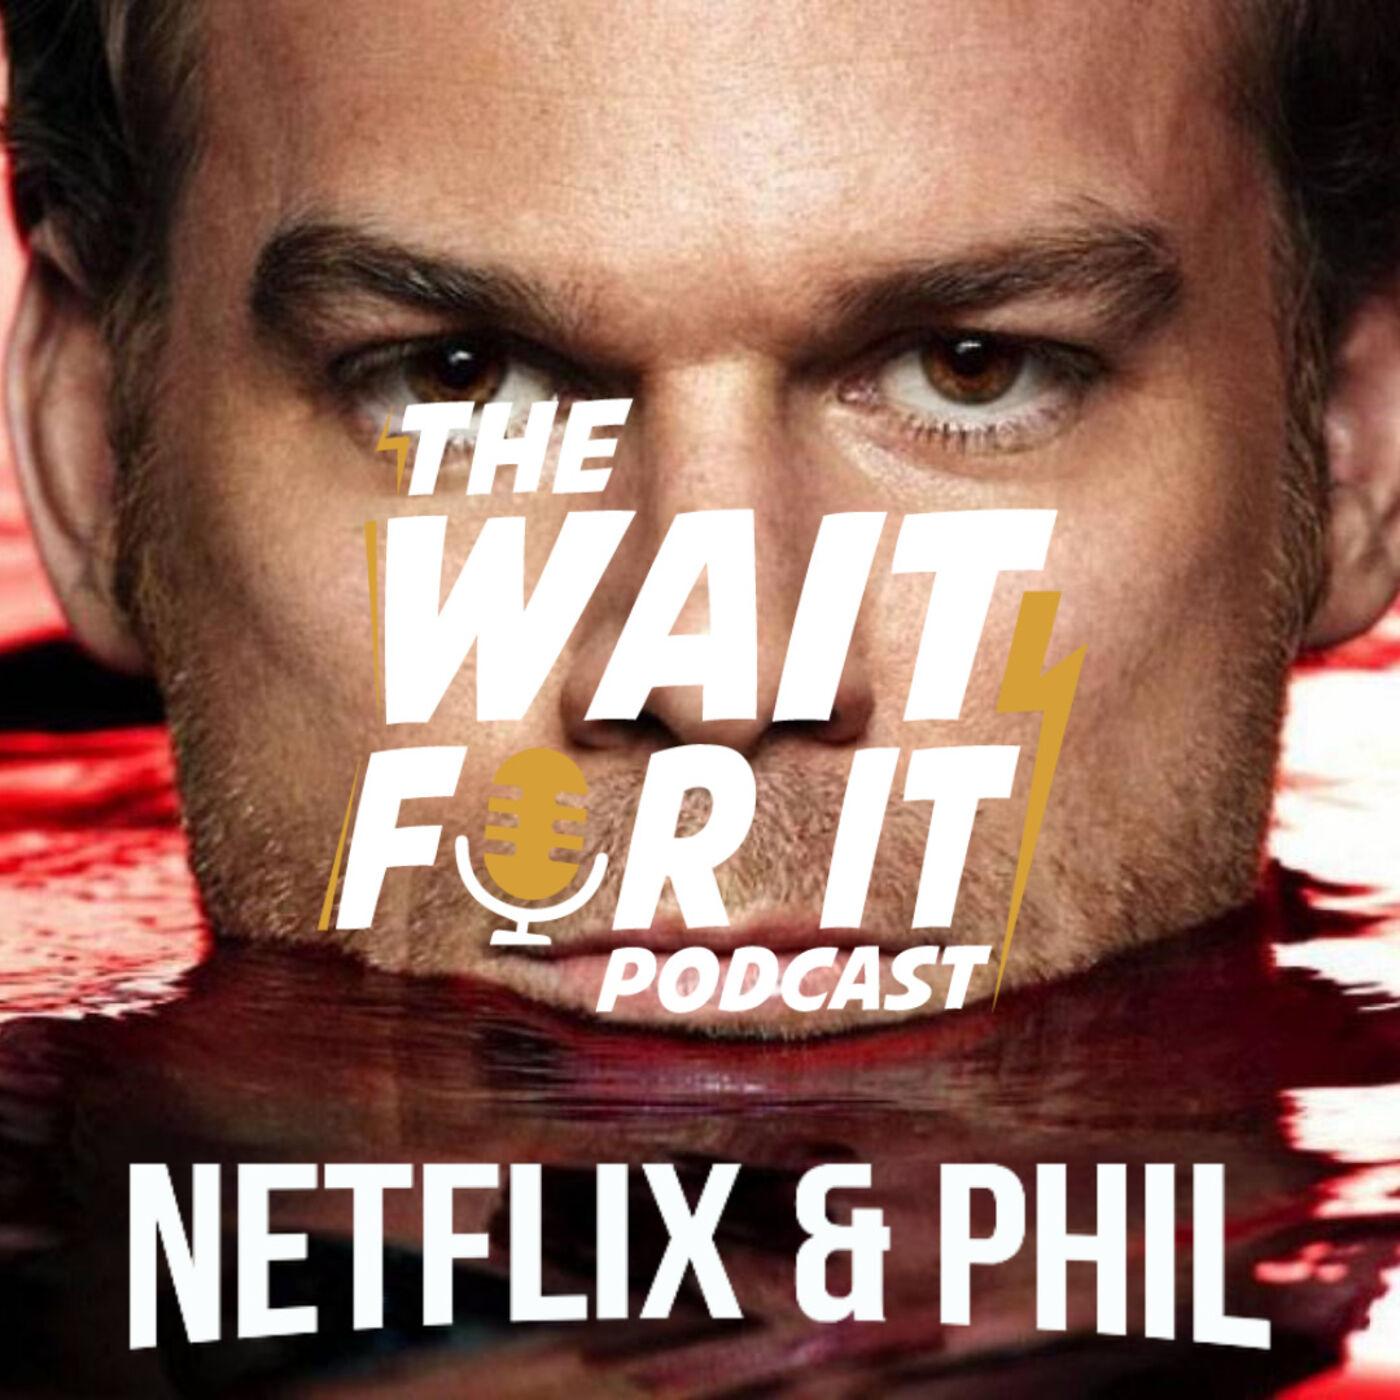 Netflix & PHIL - Dexter